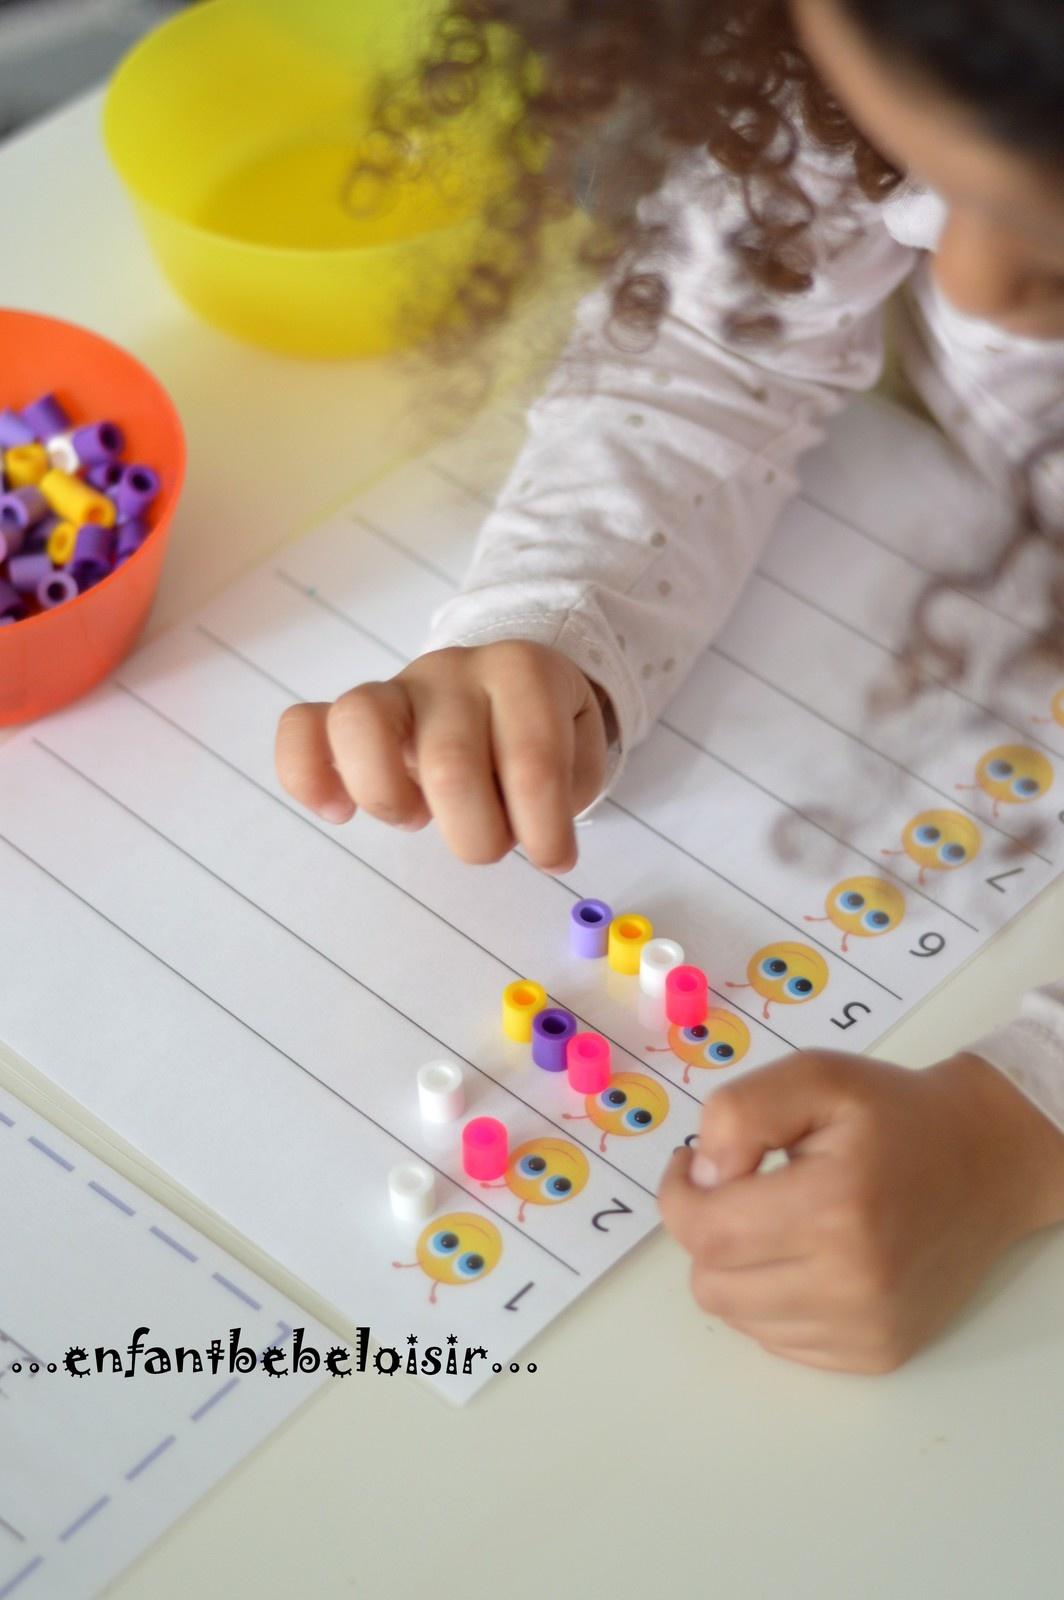 Fiche Exercice À Compter - Pdf À Imprimer - Enfant Bébé Loisir tout Programme Grande Section Maternelle Gratuit